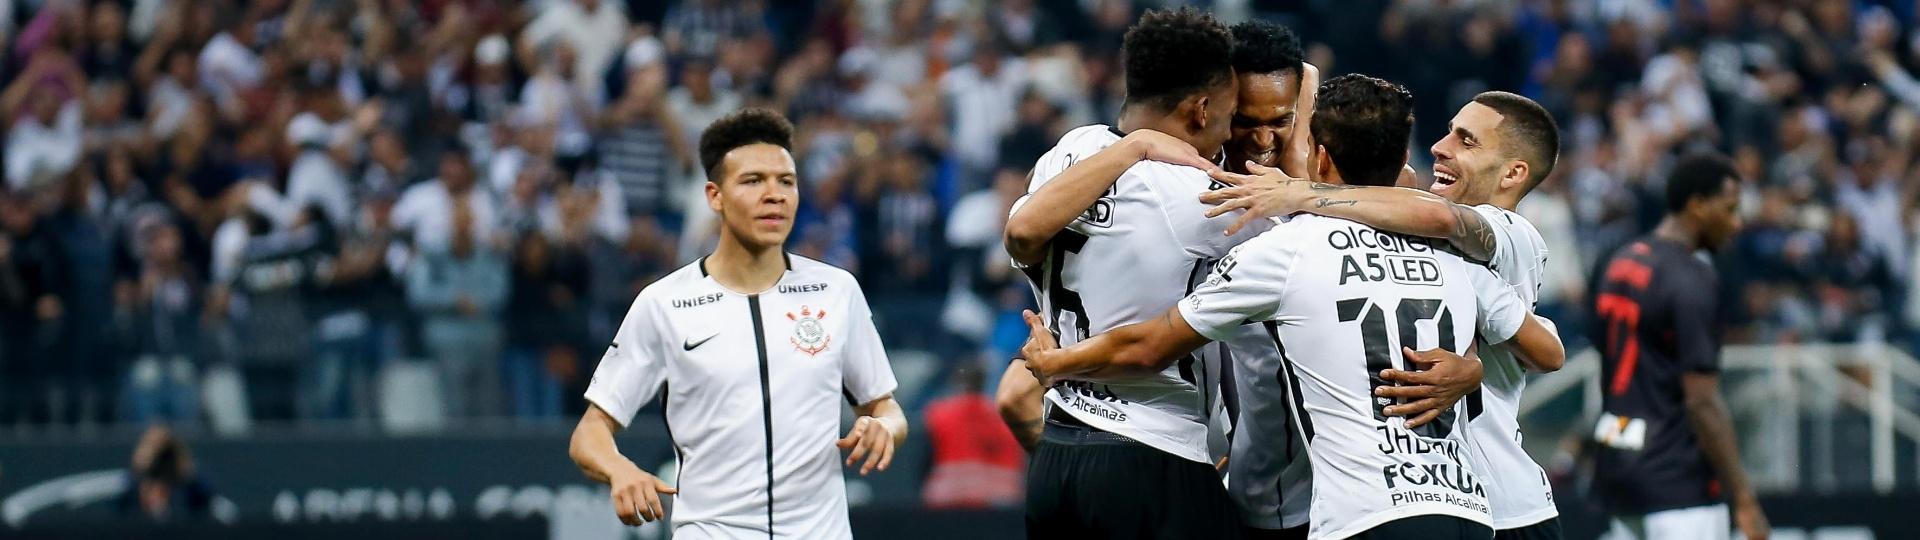 Jogadores do Corinthians comemoram o gol de Jô diante do Atlético-PR pelo Campeonato Brasileiro 2017